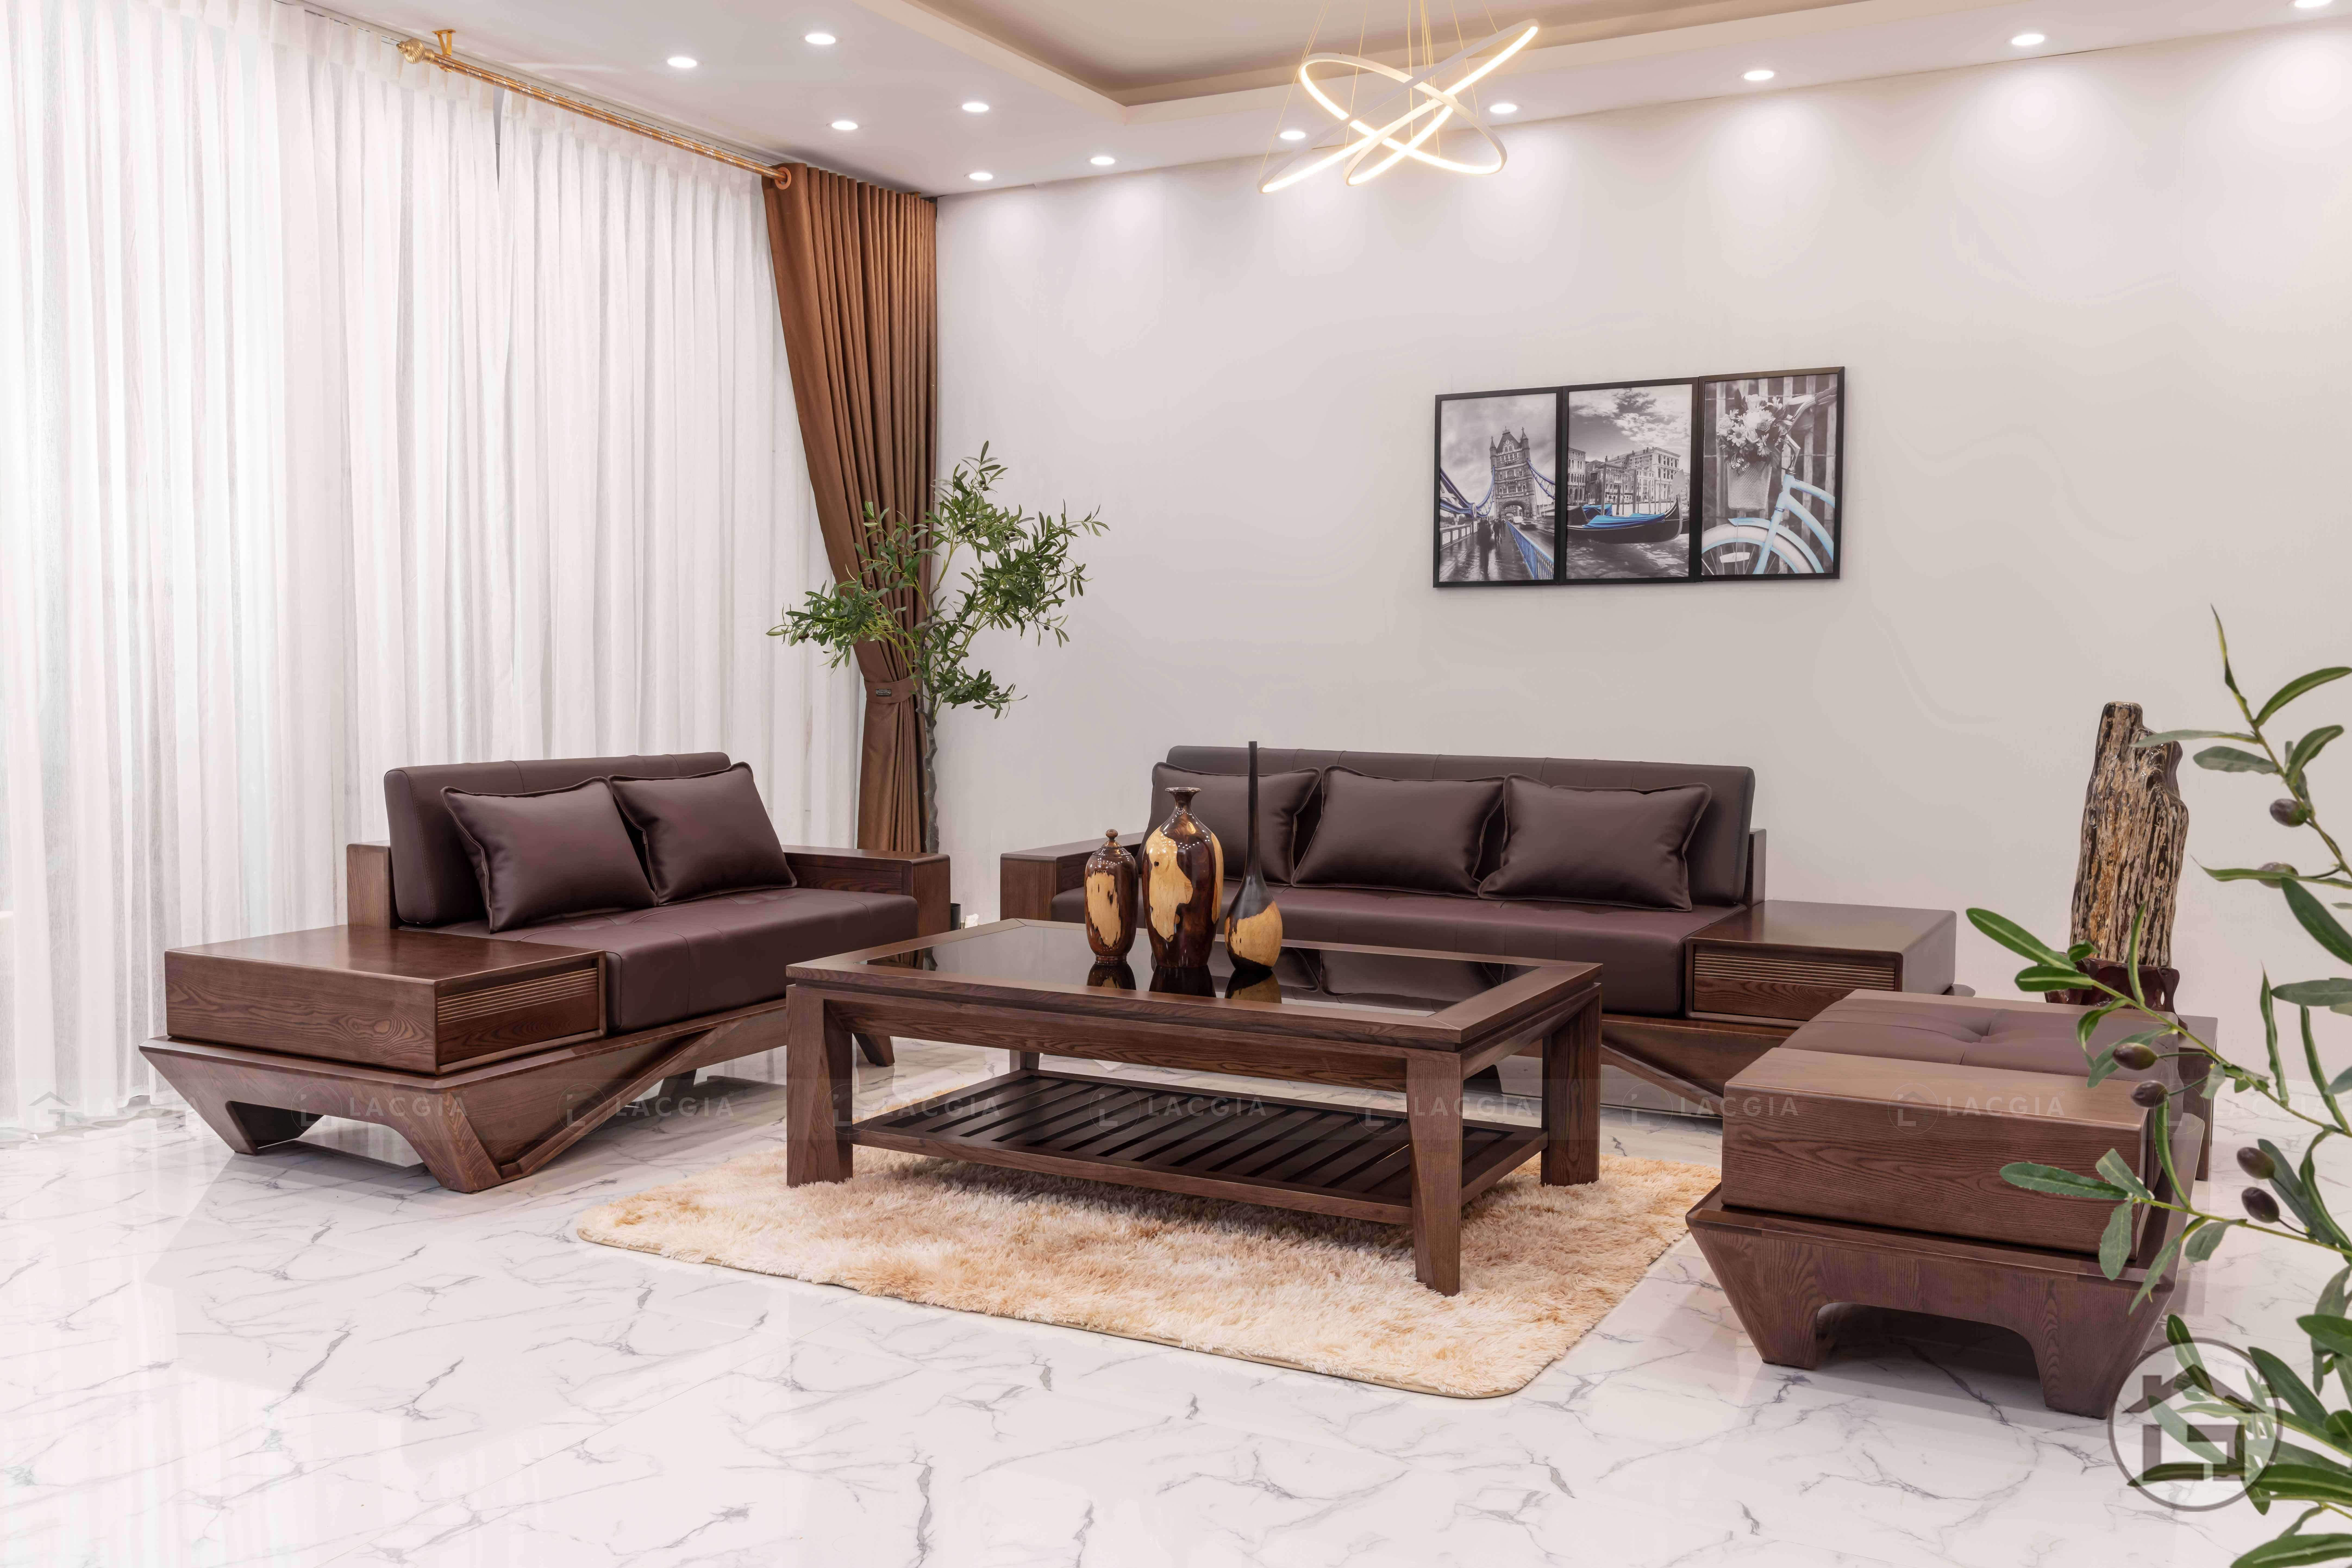 sofa go hien dai sf29 5 - Sofa gỗ hiện đại SF29